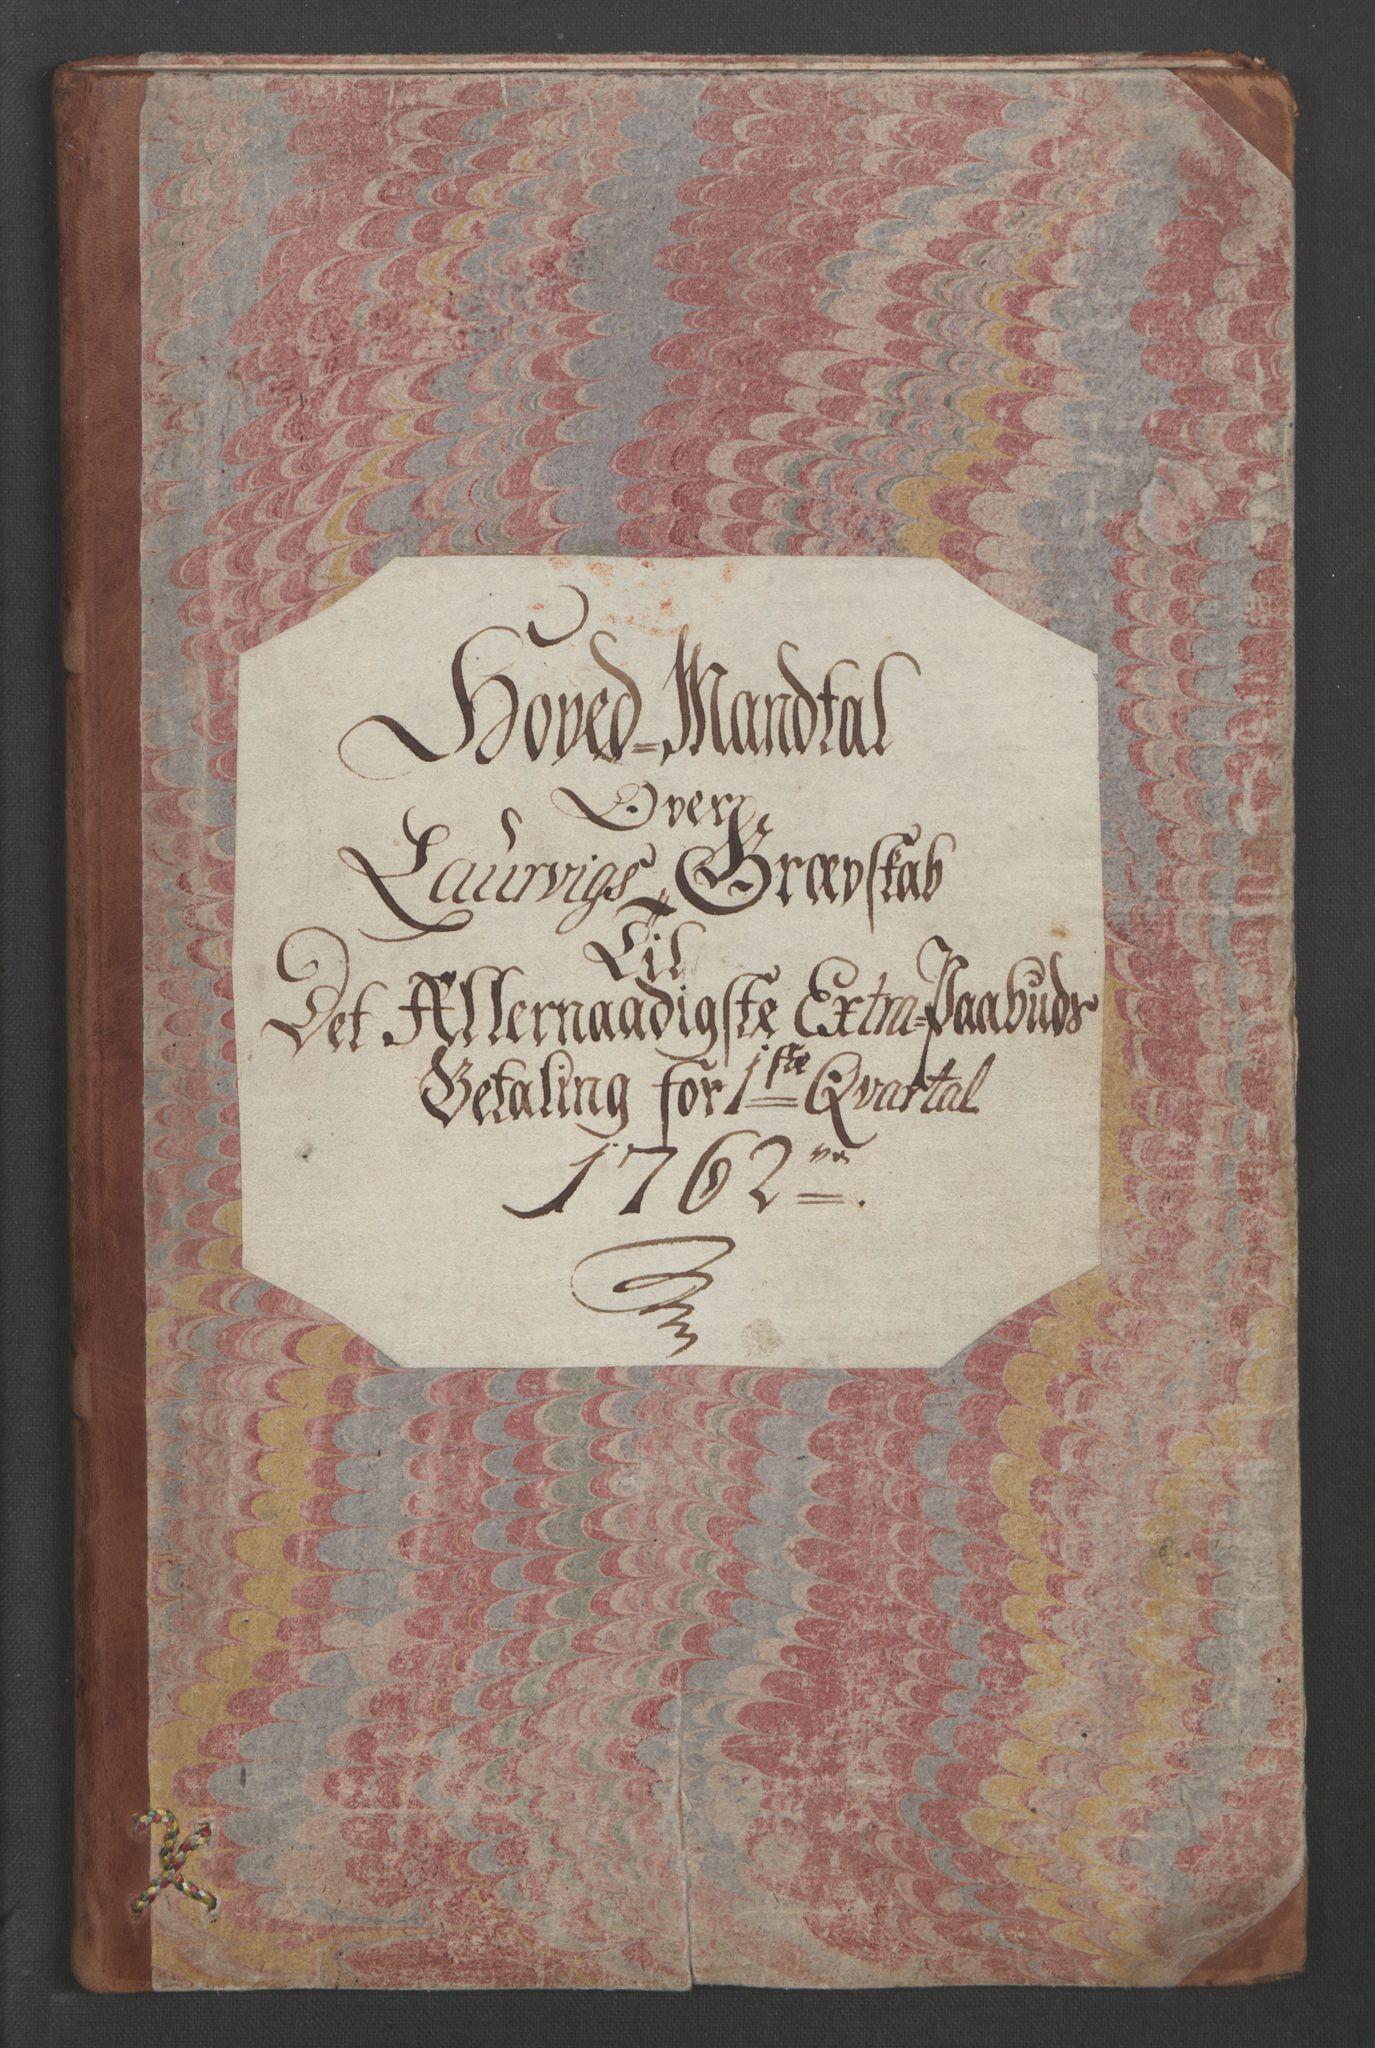 RA, Rentekammeret inntil 1814, Reviderte regnskaper, Fogderegnskap, R33/L2033: Ekstraskatten Larvik grevskap, 1762-1764, s. 15